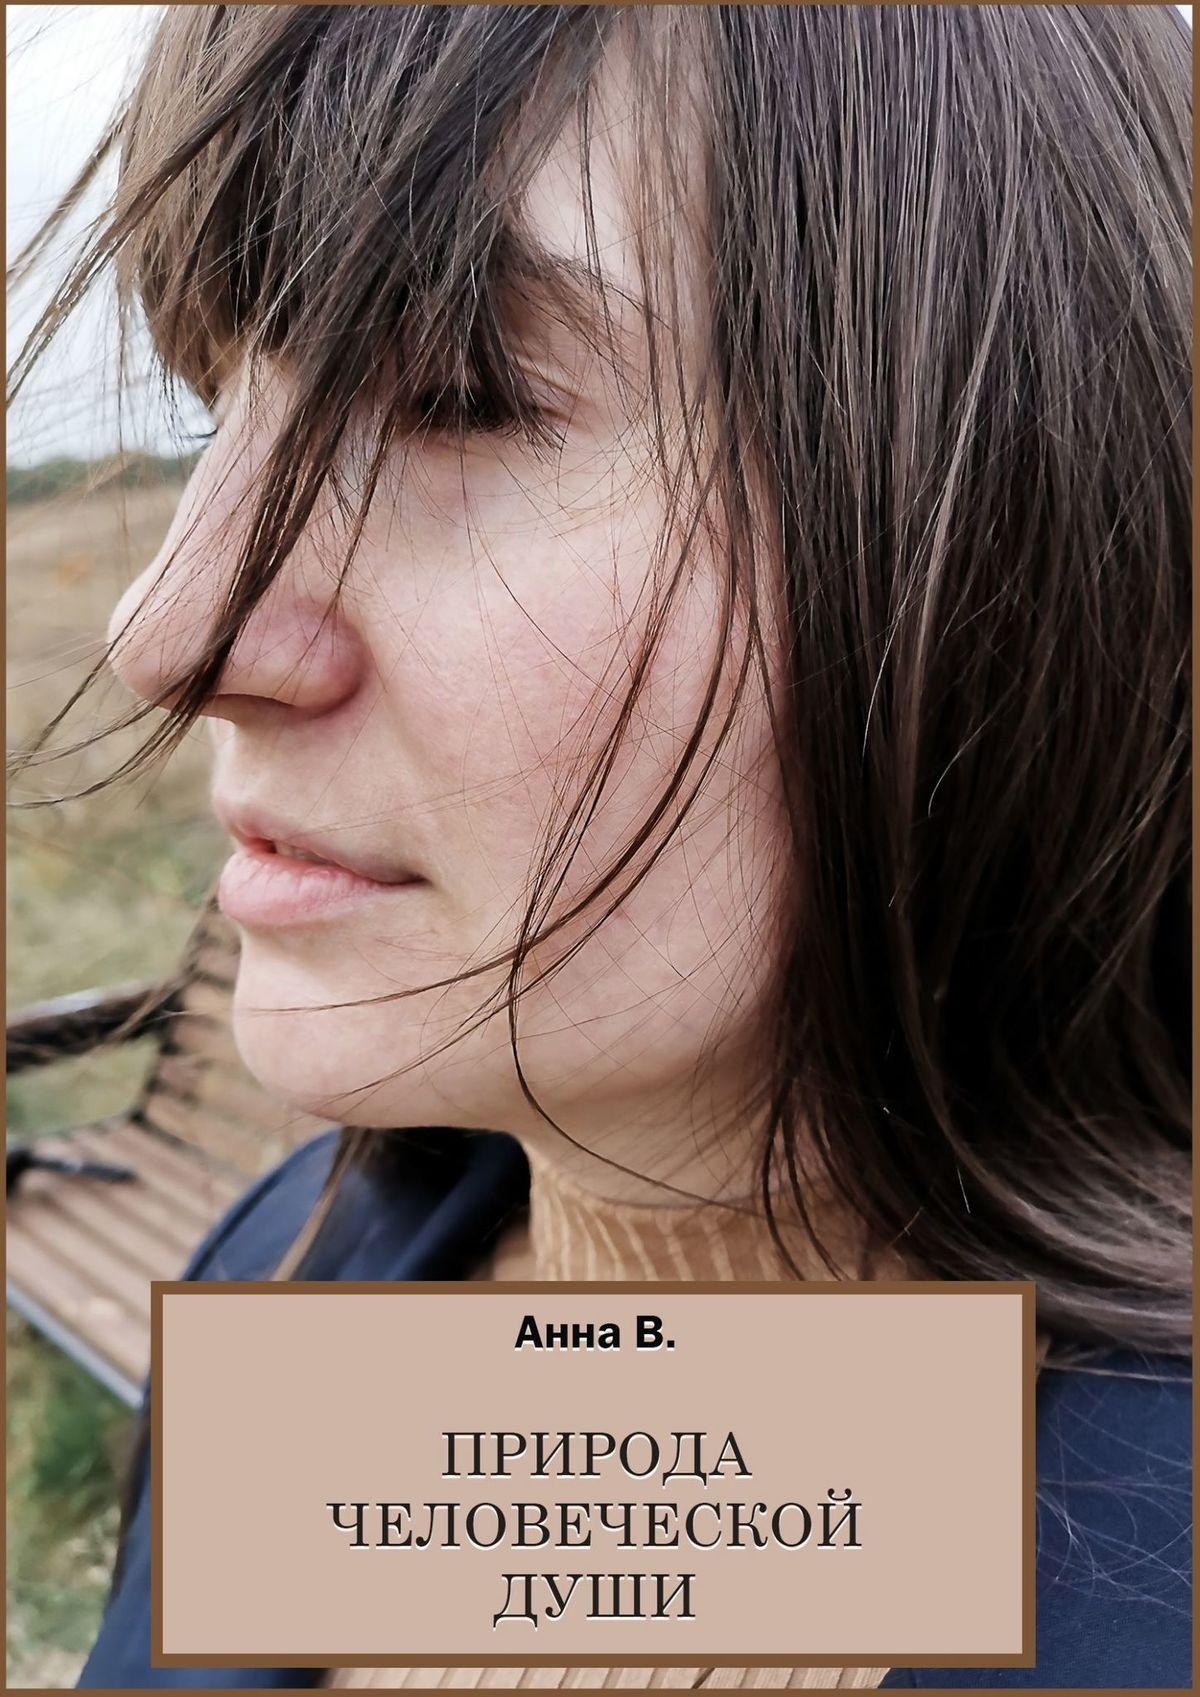 Анна В. Природа человеческой души. Сборник стихотворений соня капилевич чернильный джаз сборник стихотворений